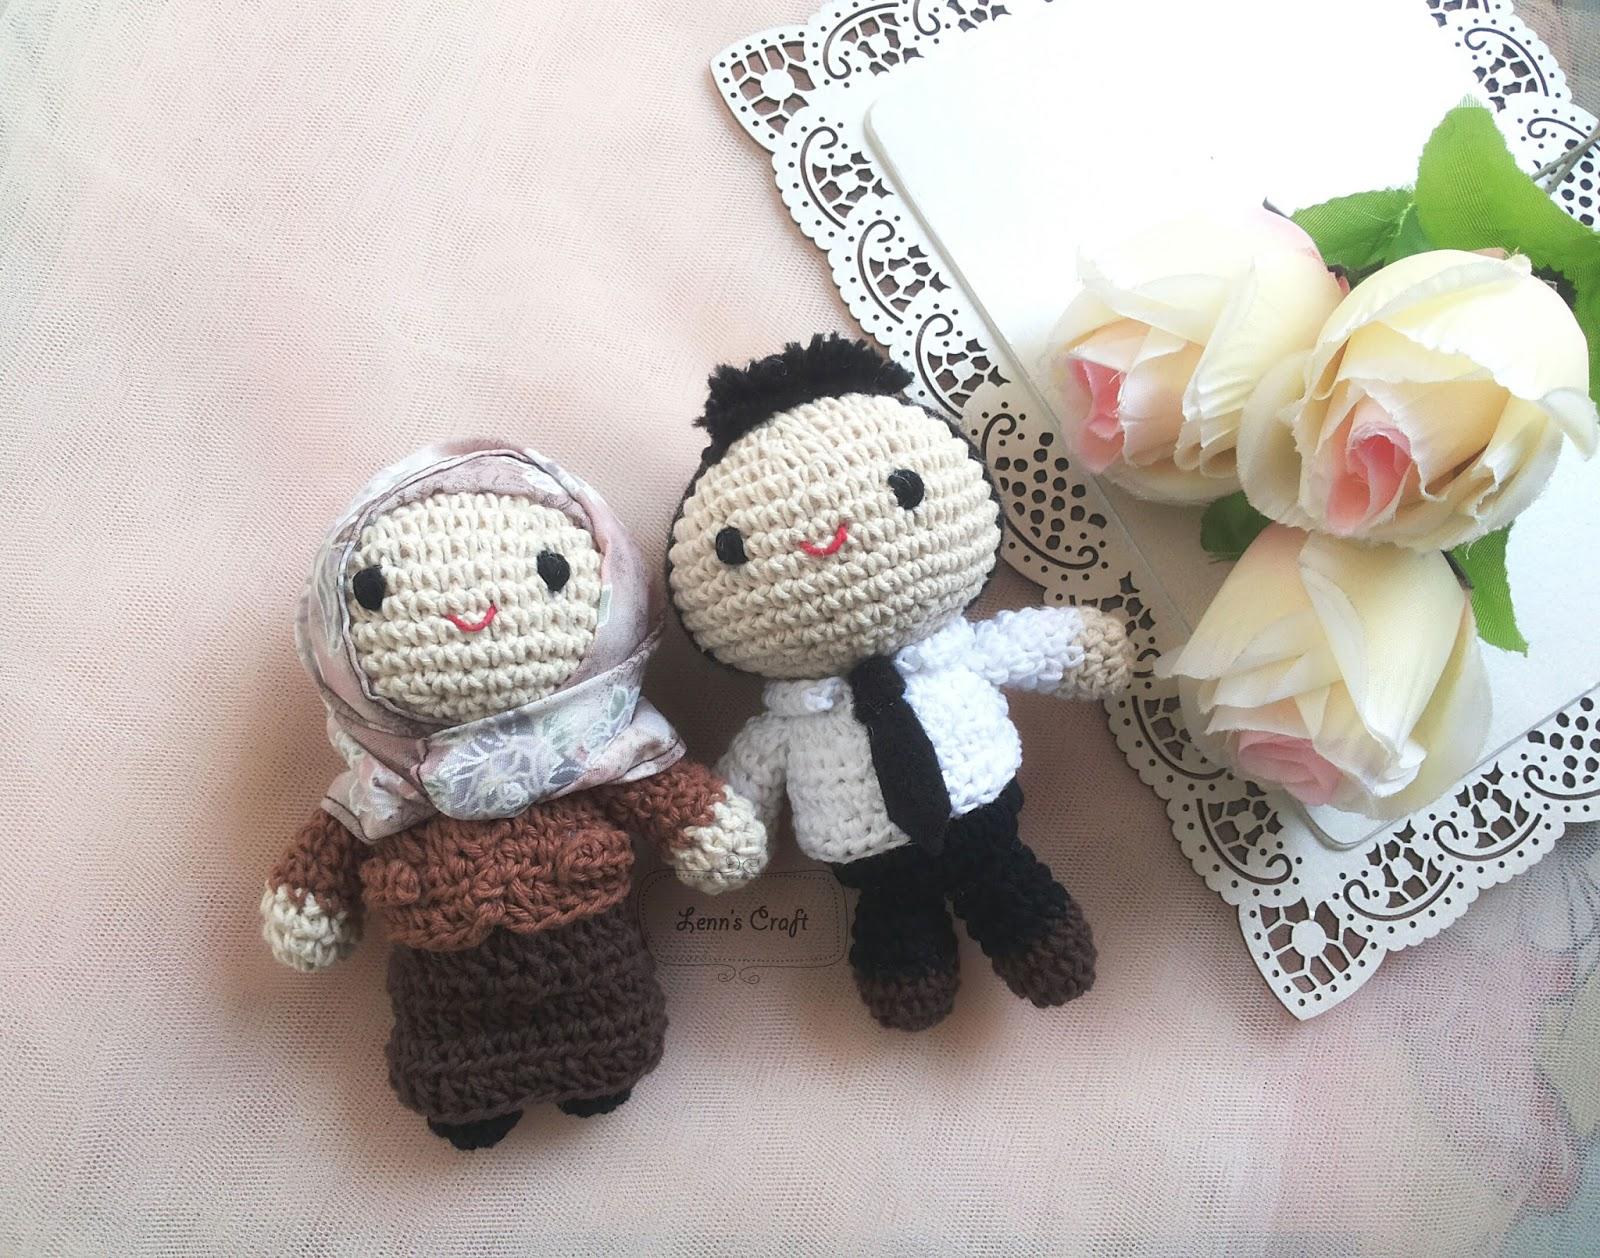 Amigurumi Boneka : Lenn s craft handmade doll amigurumi jual boneka hijab